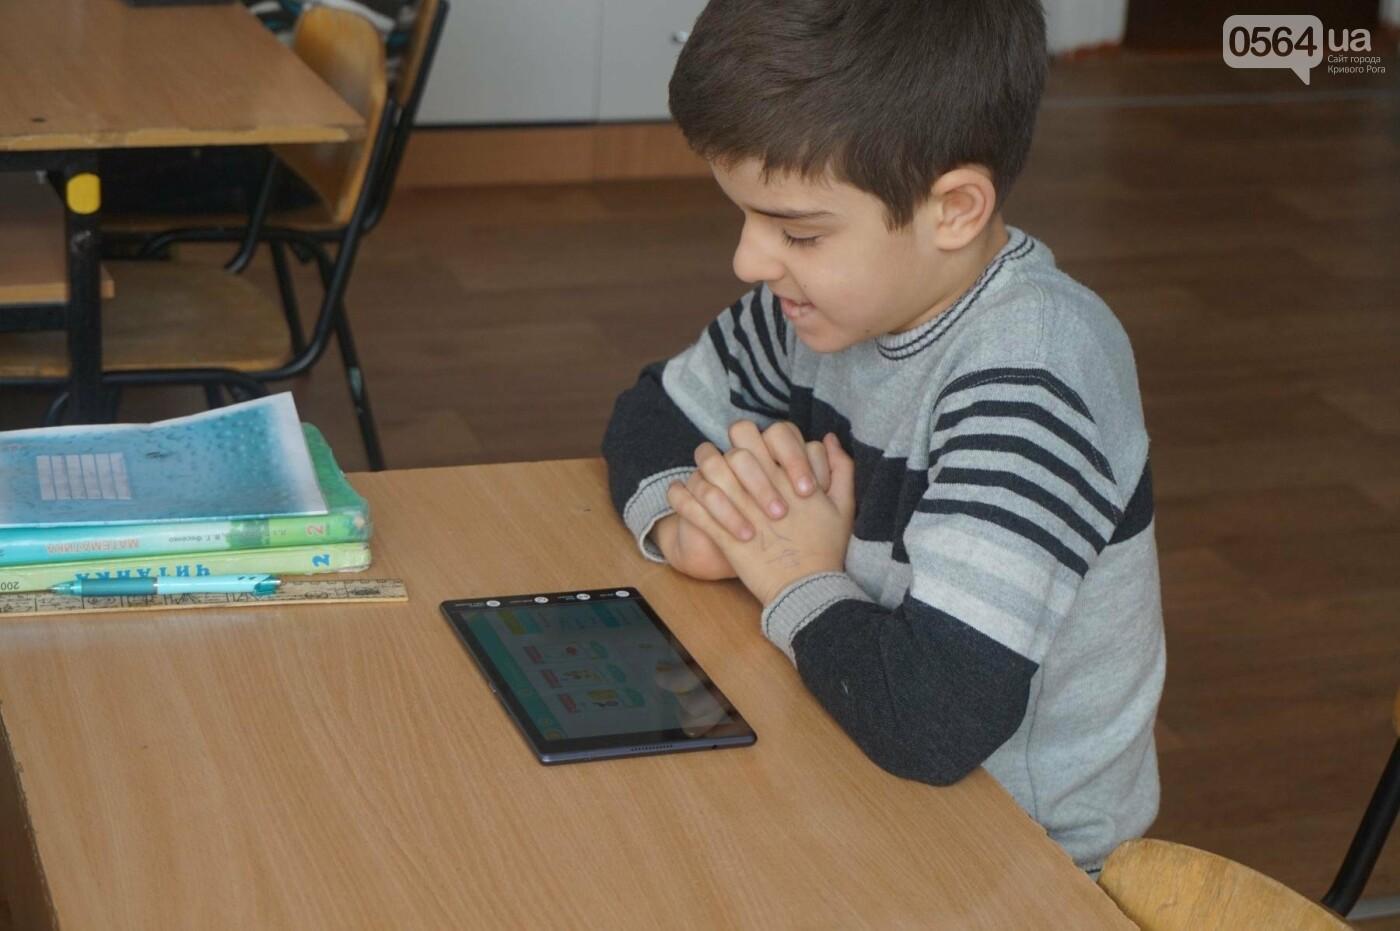 Приближаясь к Европе: Как в школах Кривого Рога внедряют инклюзию (ФОТО), фото-11